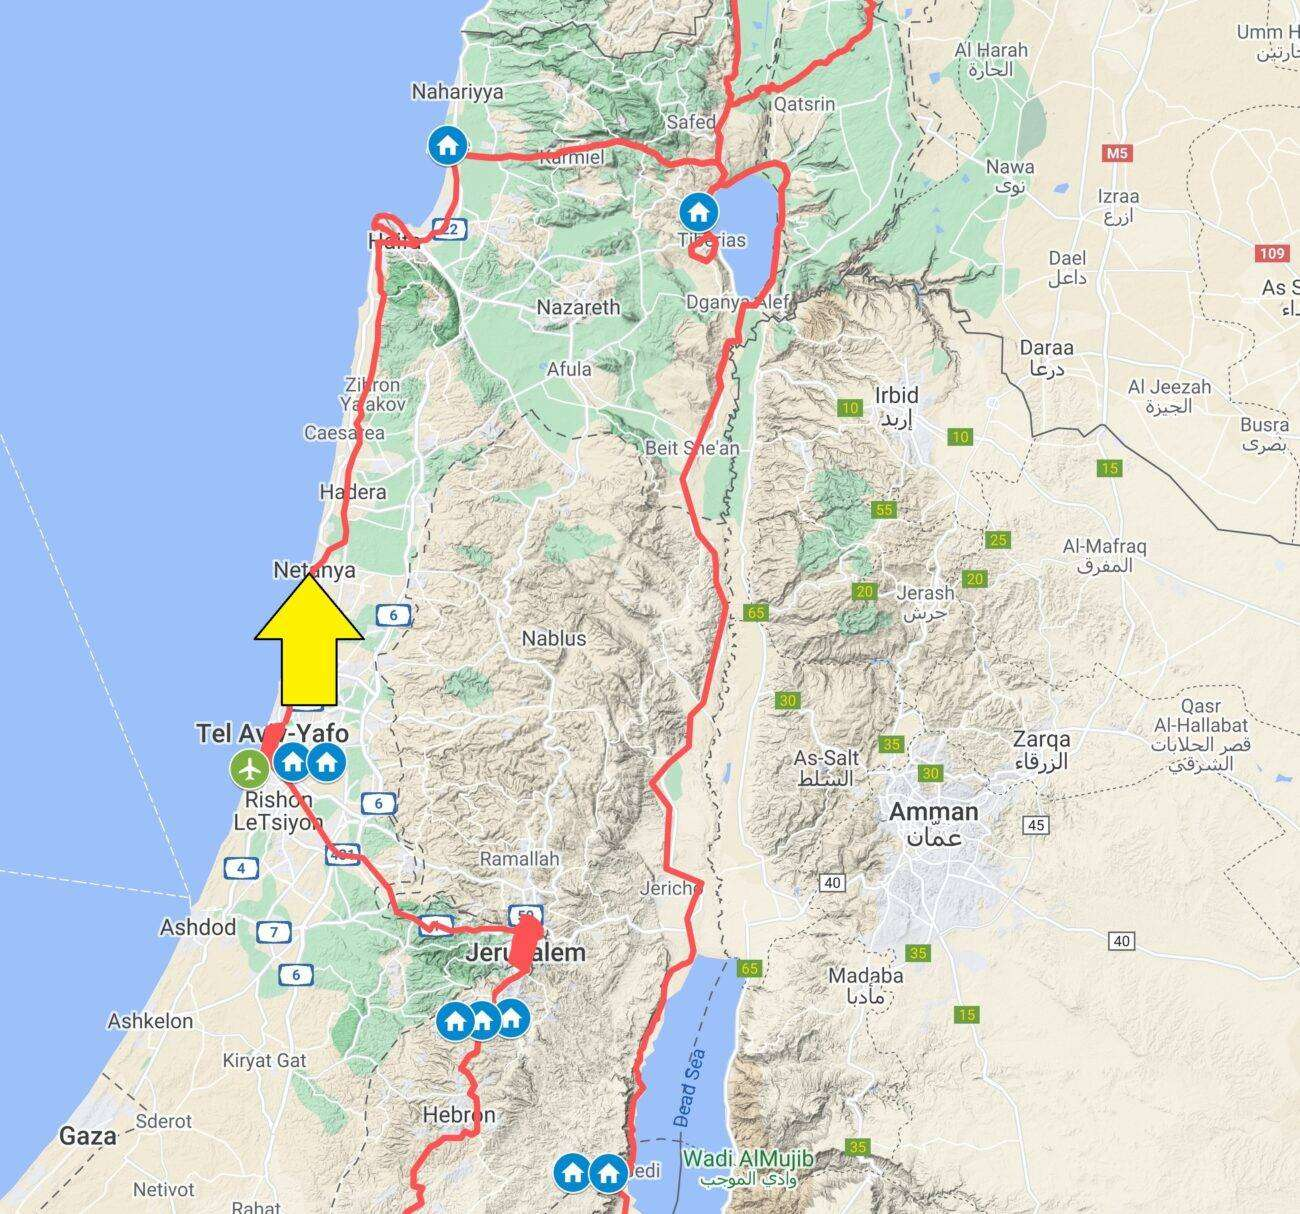 Mappa Israele ottobre 2021 sez centrale scaled Israele